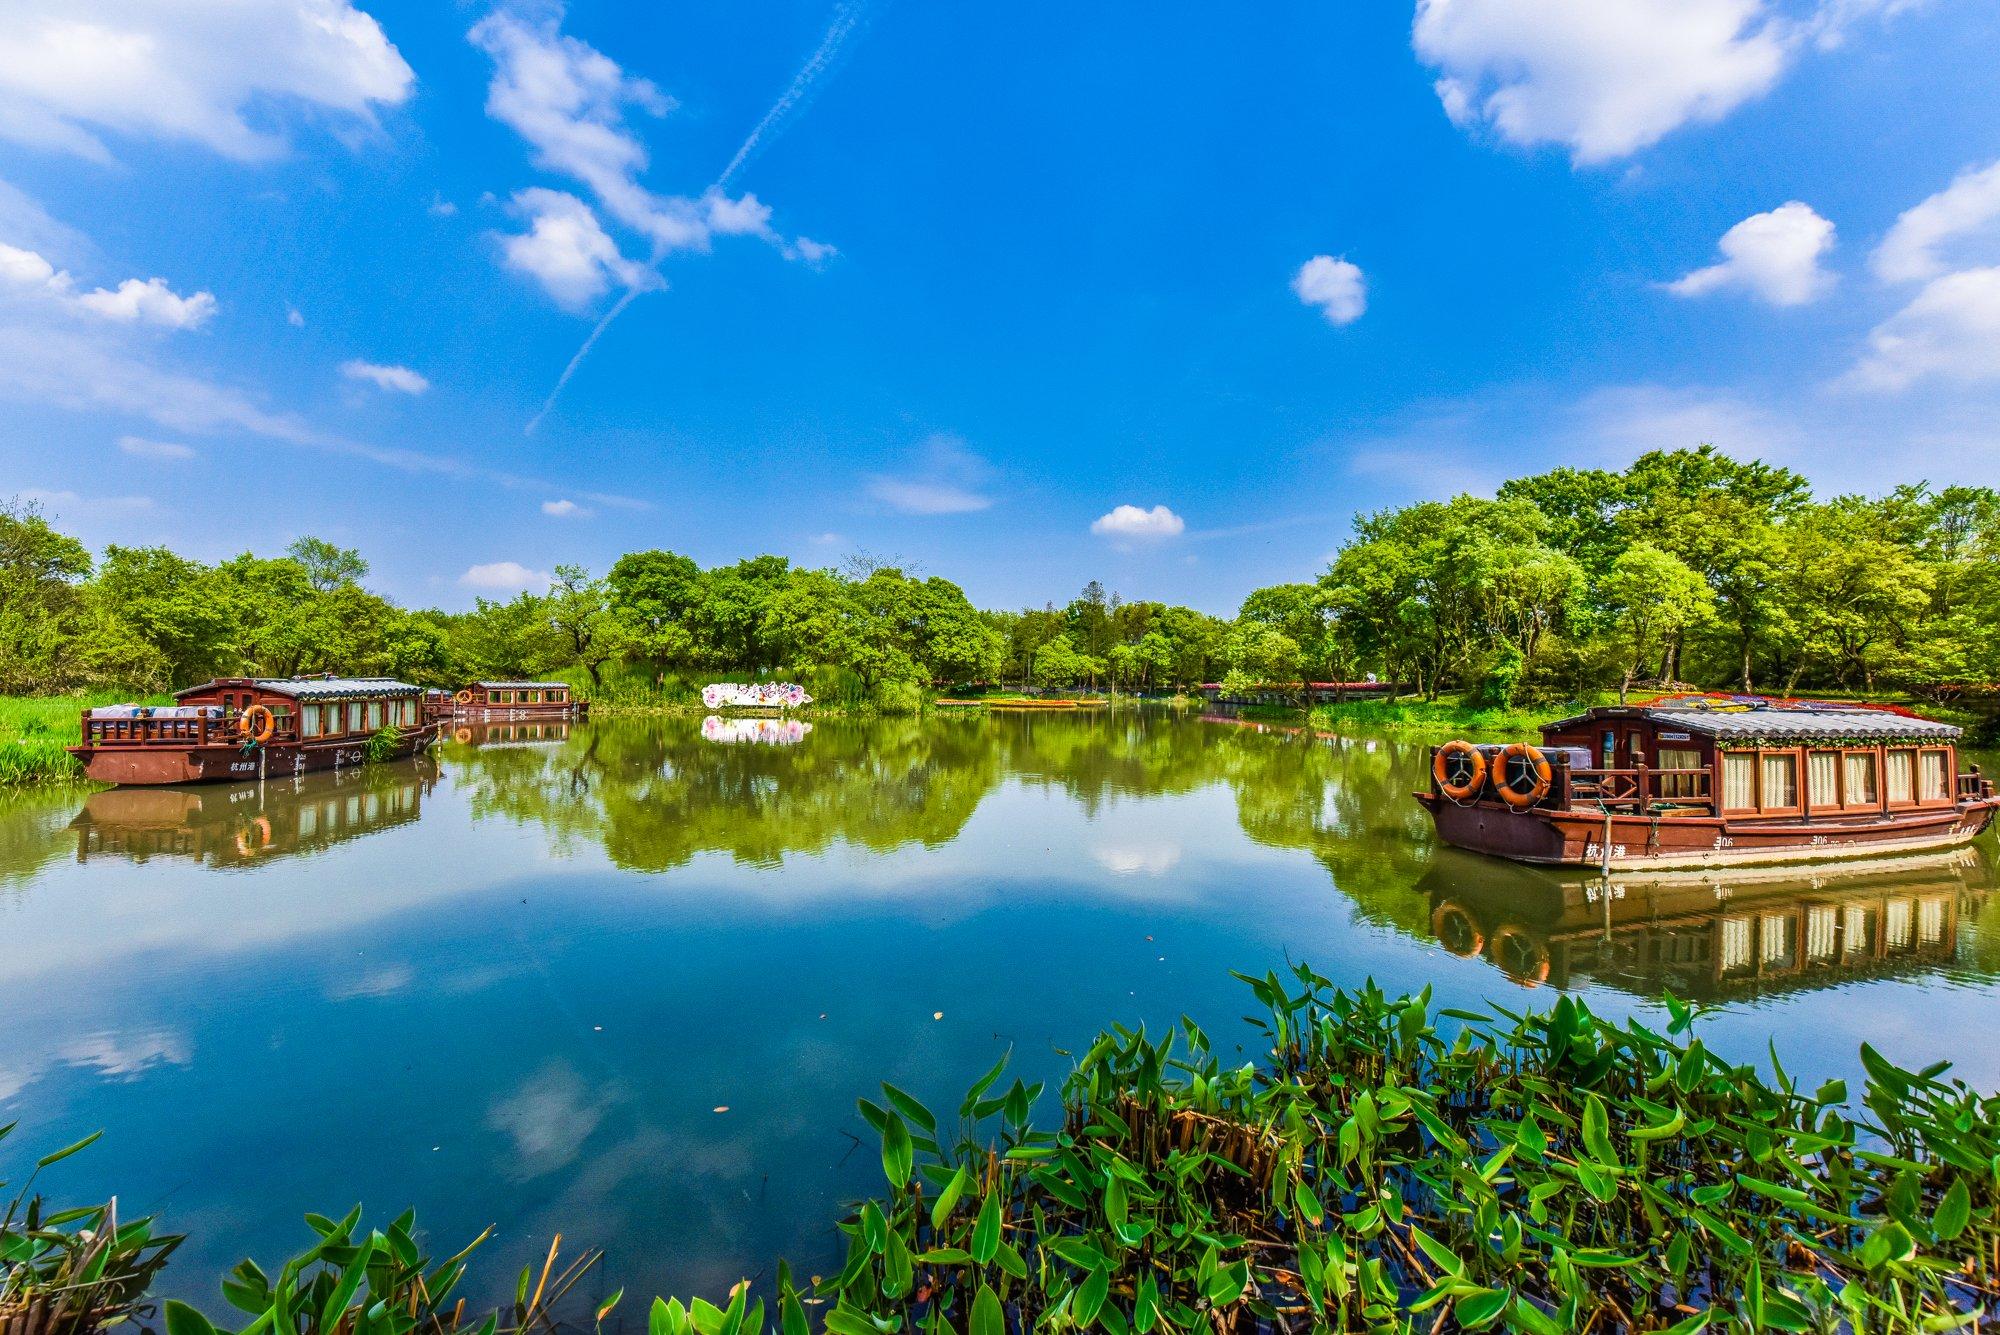 【诗画浙江】花月之季的杭城,是一方童话般的人间仙境